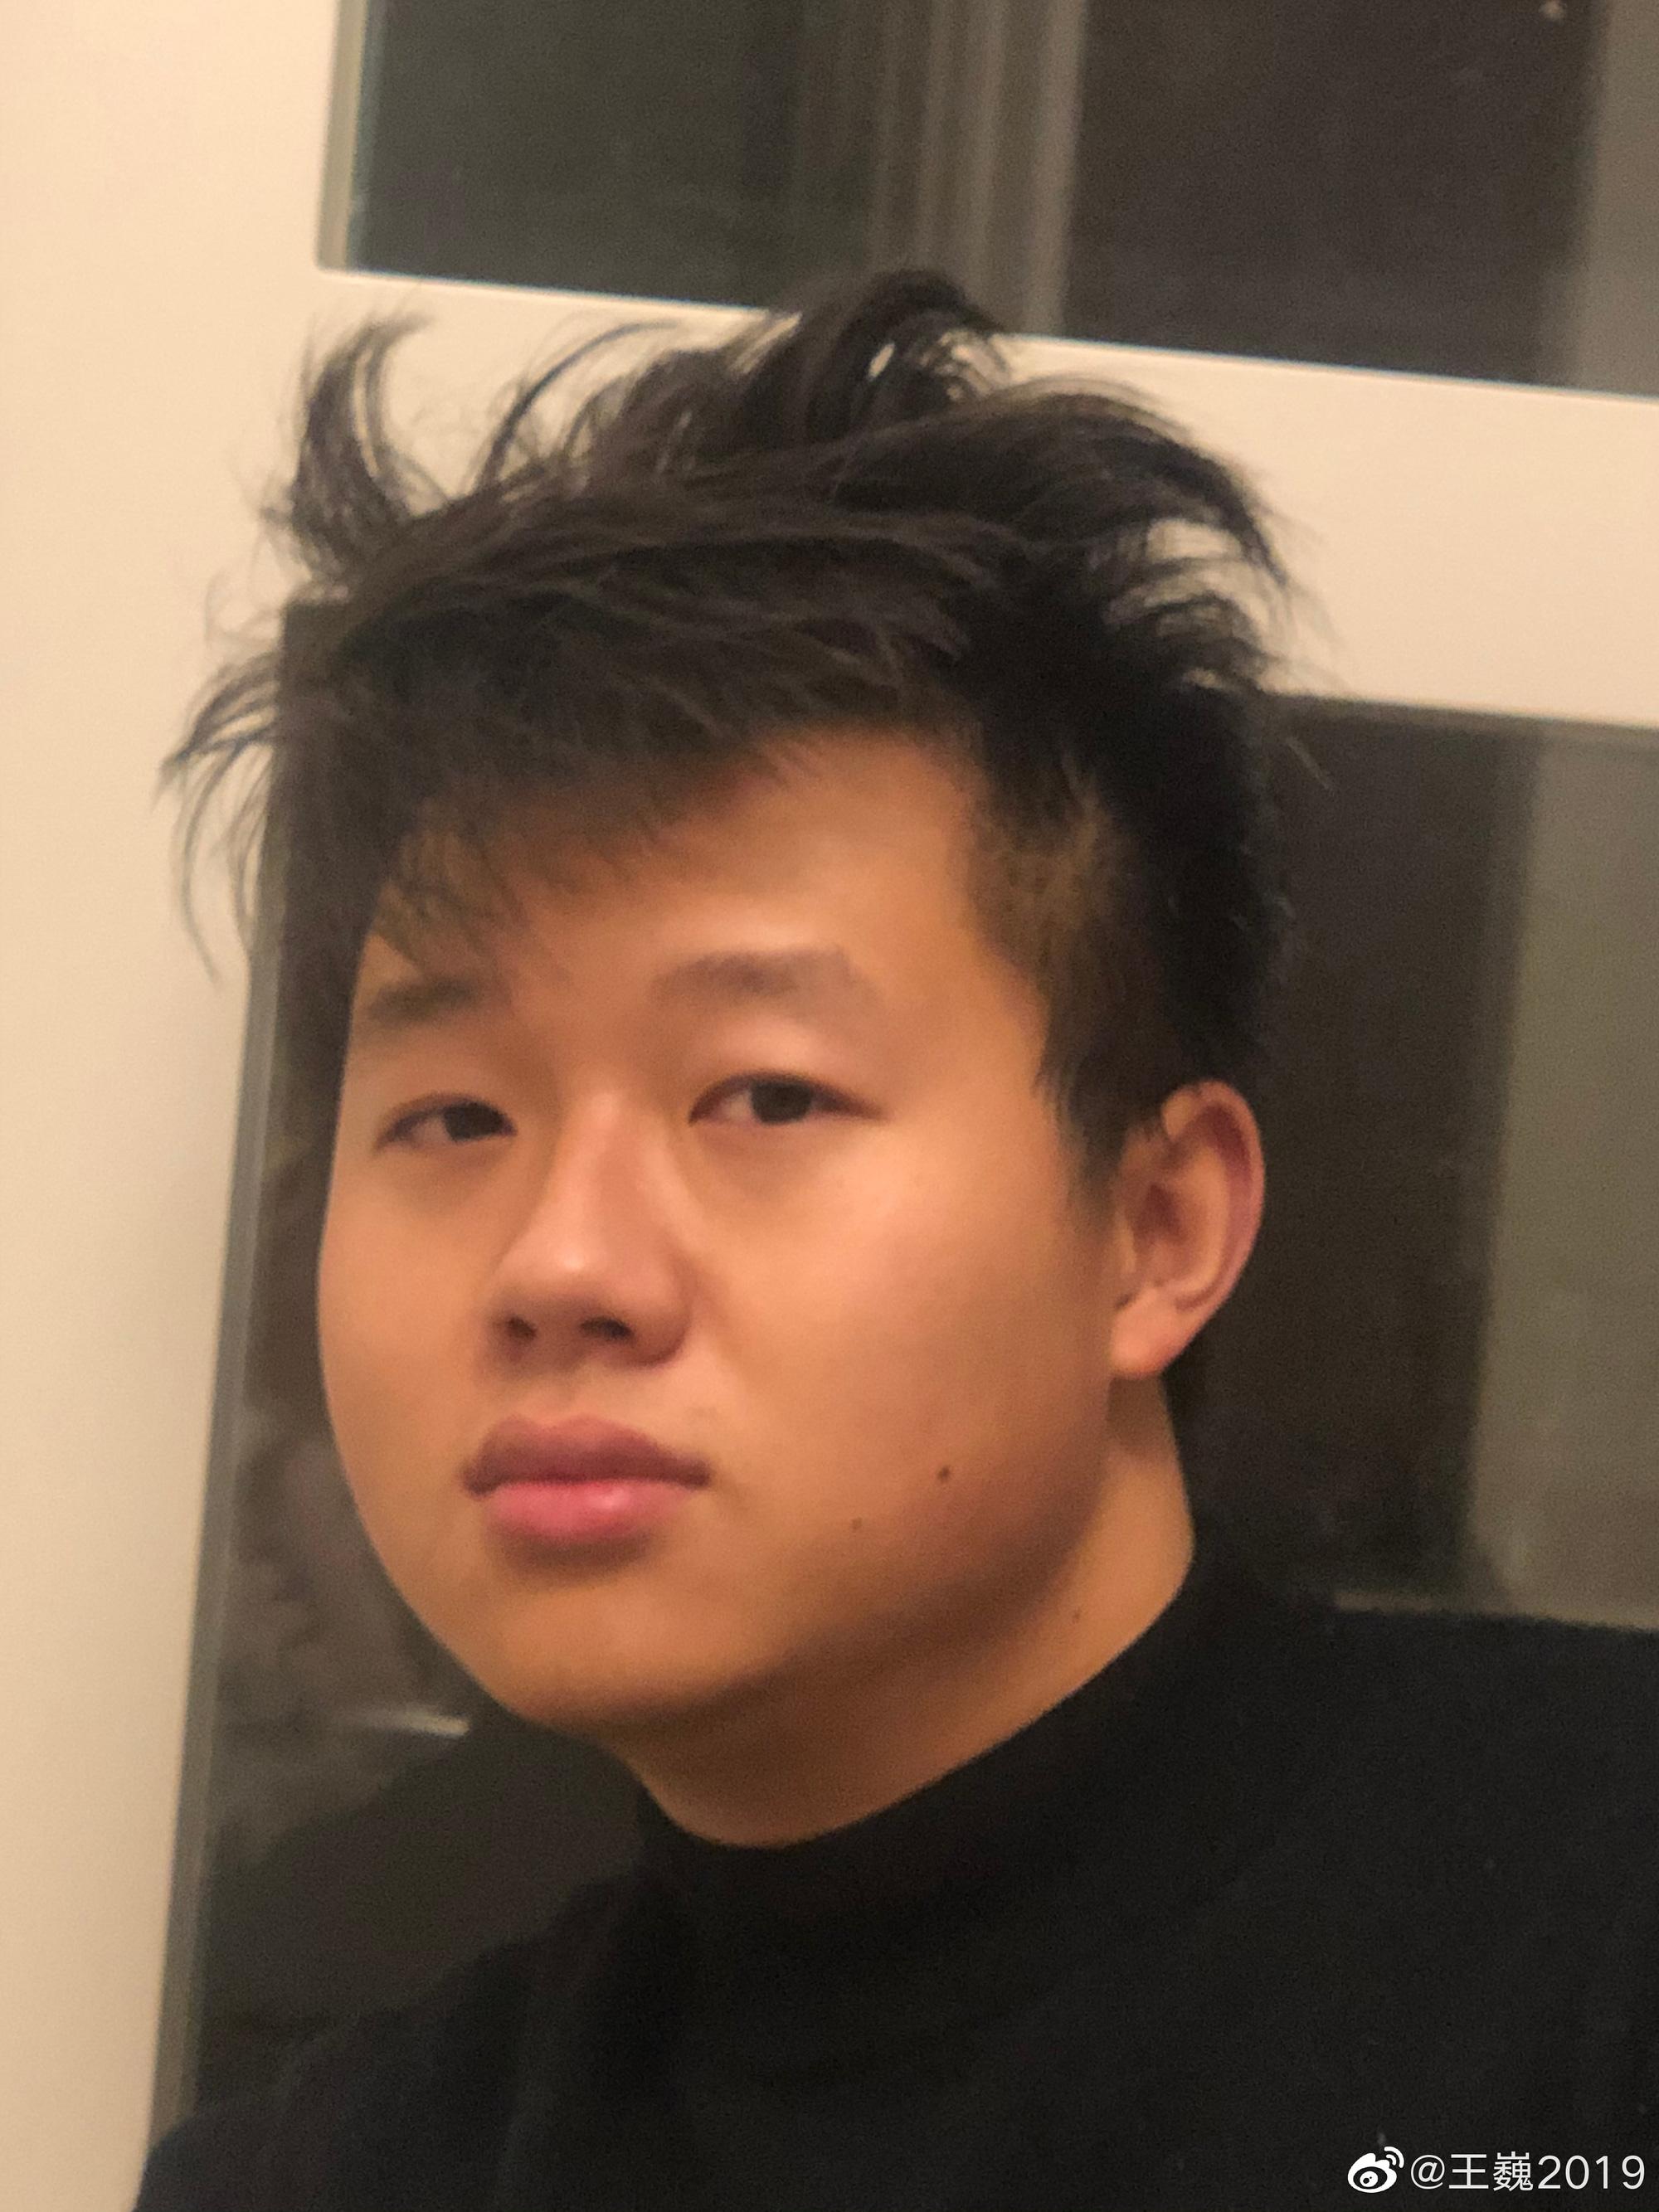 Giữa dịch Corona, các tín đồ làm đẹp bỗng leo lên top Weibo vì nỗi khổ tóc tai không tiệm cắt tóc nào thấu! - Ảnh 7.